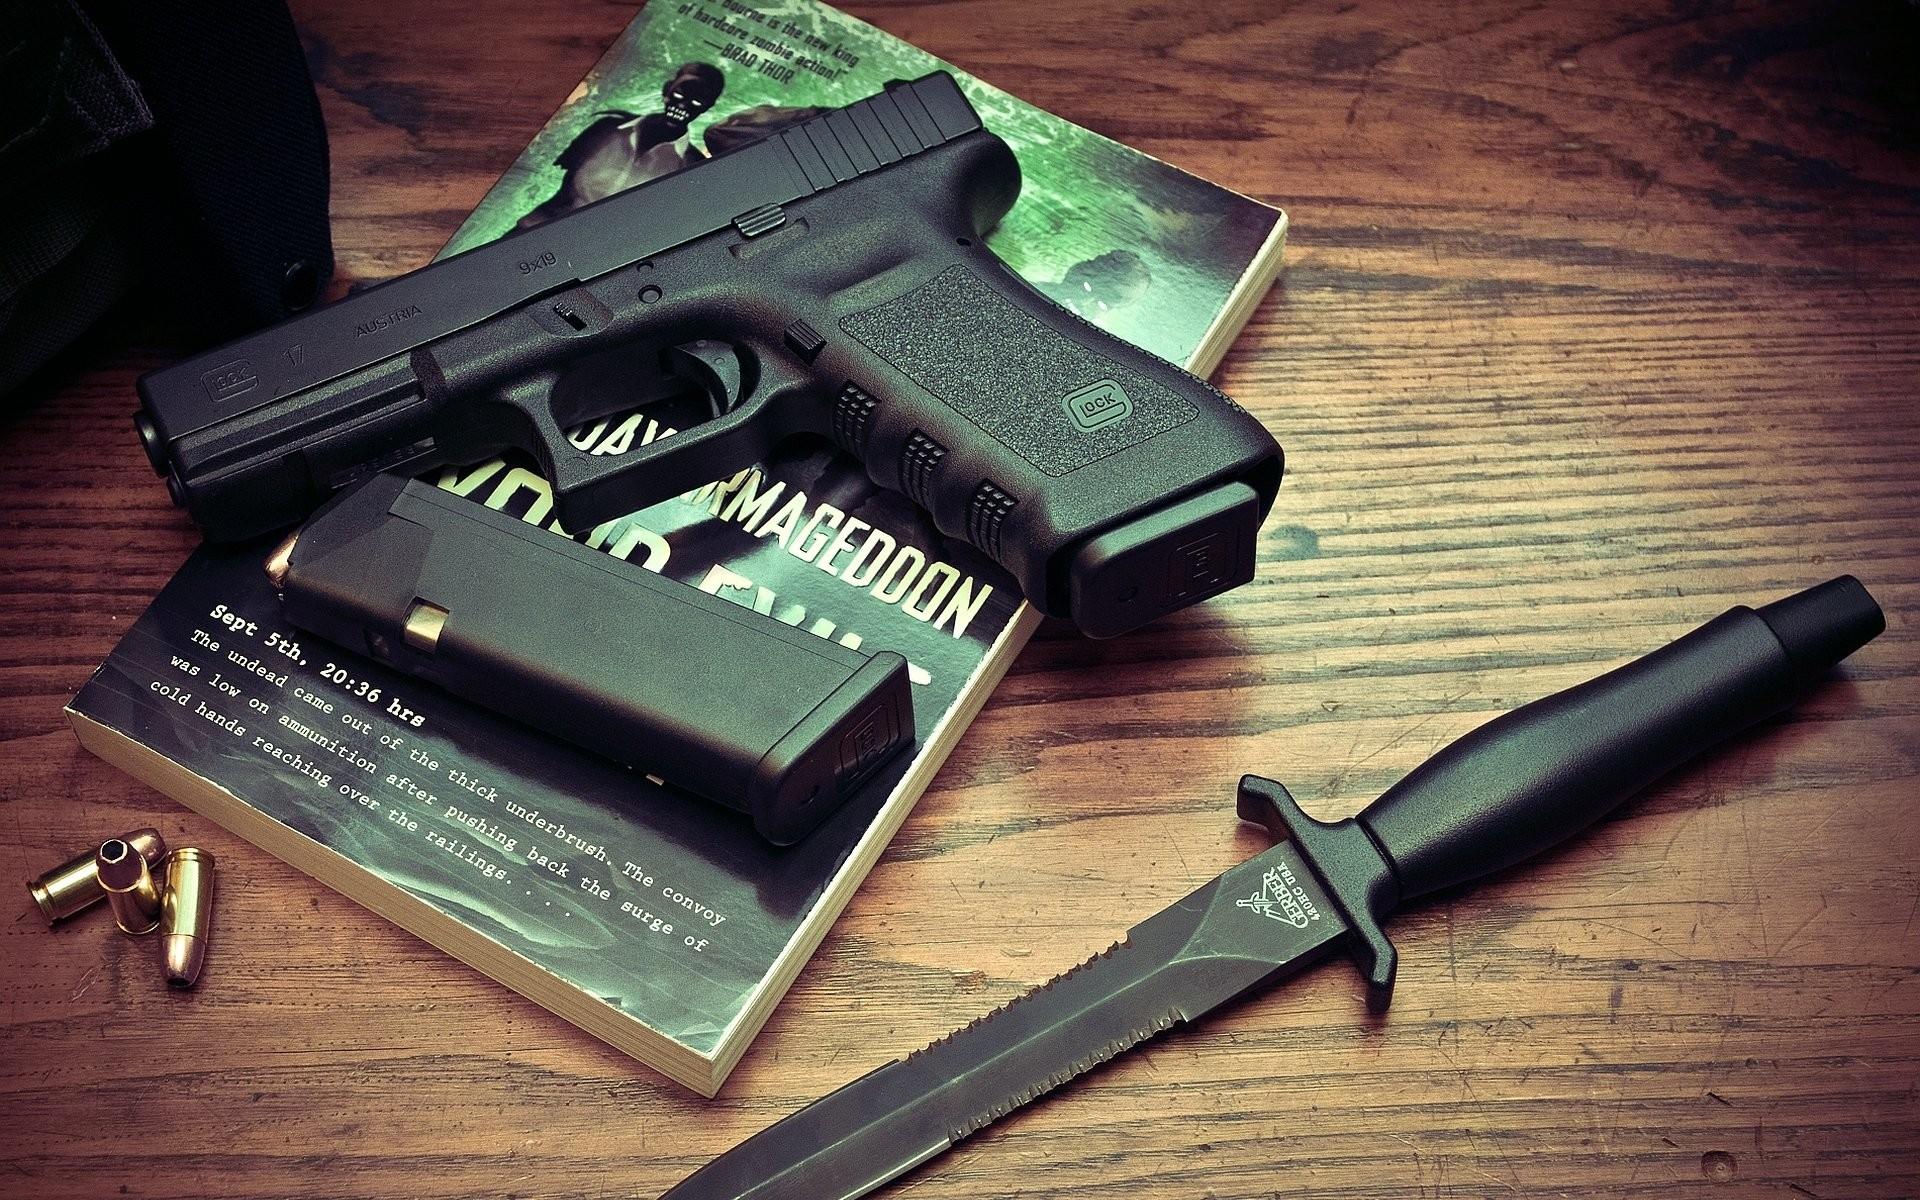 2048x1365 Glock 17 Wallpaper Hd